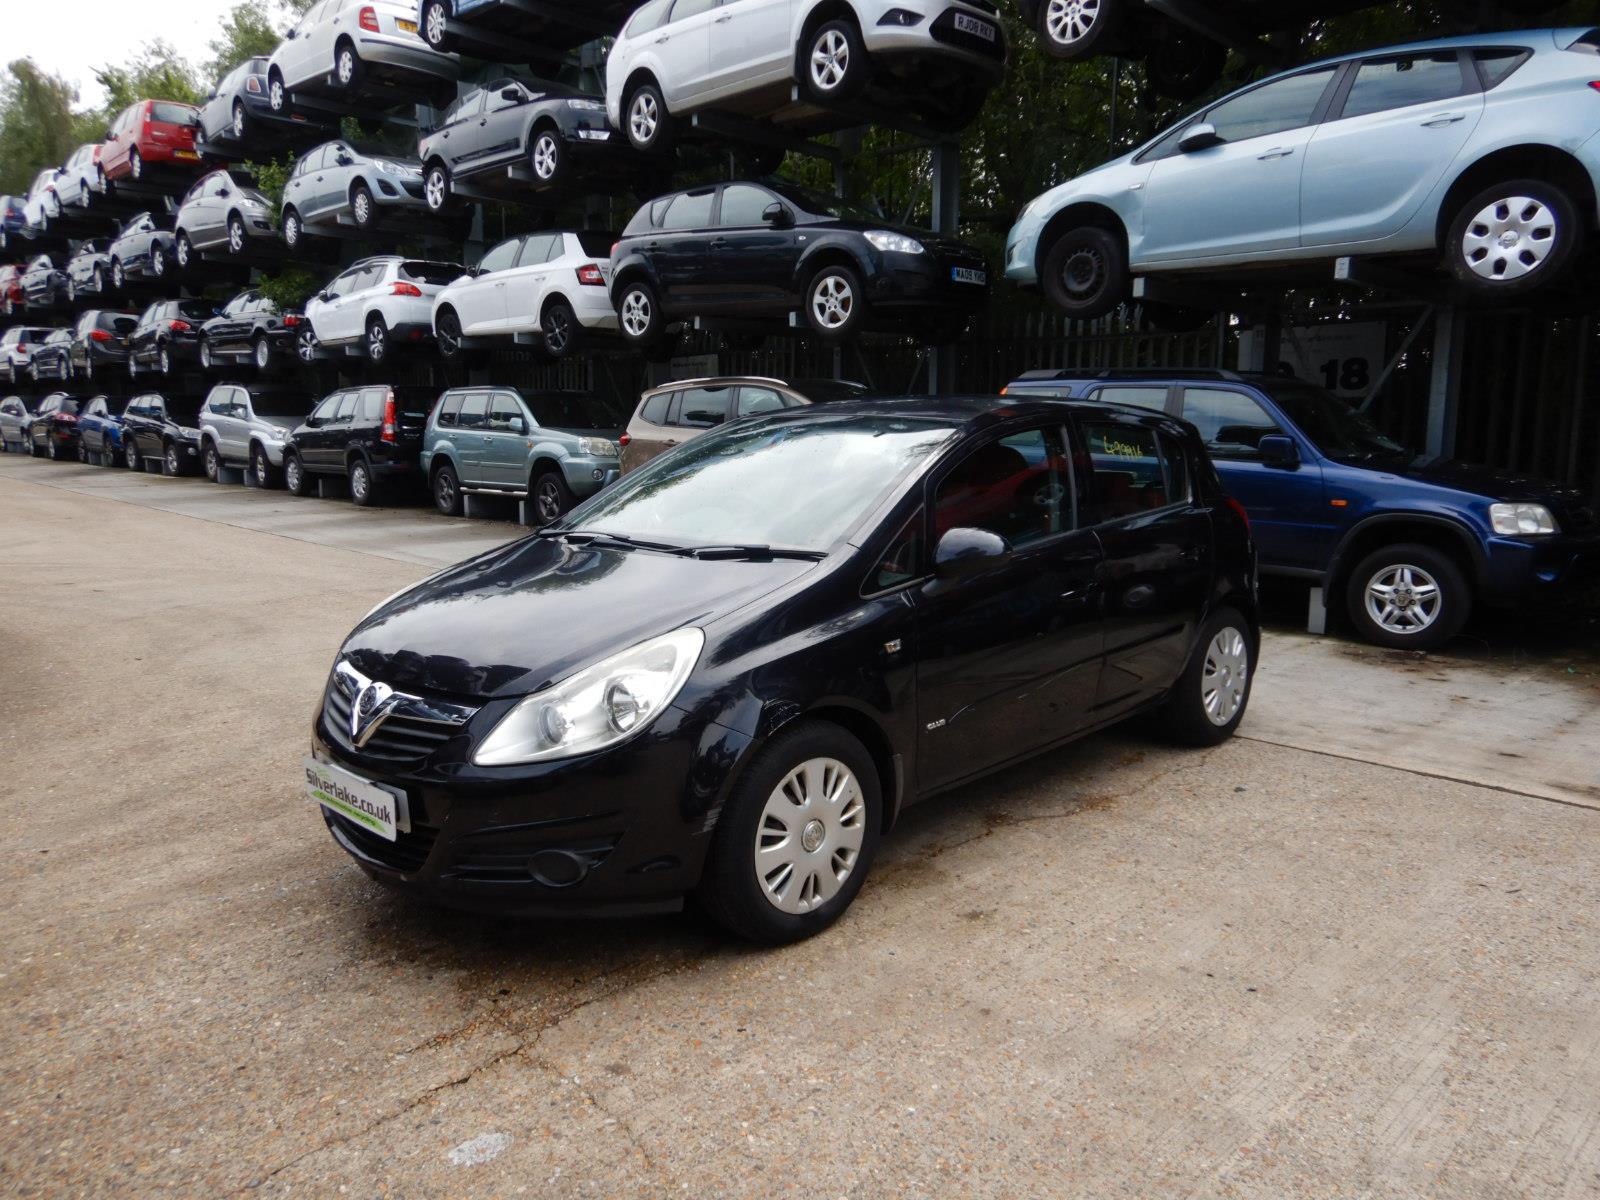 Vauxhall Corsa 2007 To 2011 Club A/C 5 Door Hatchback